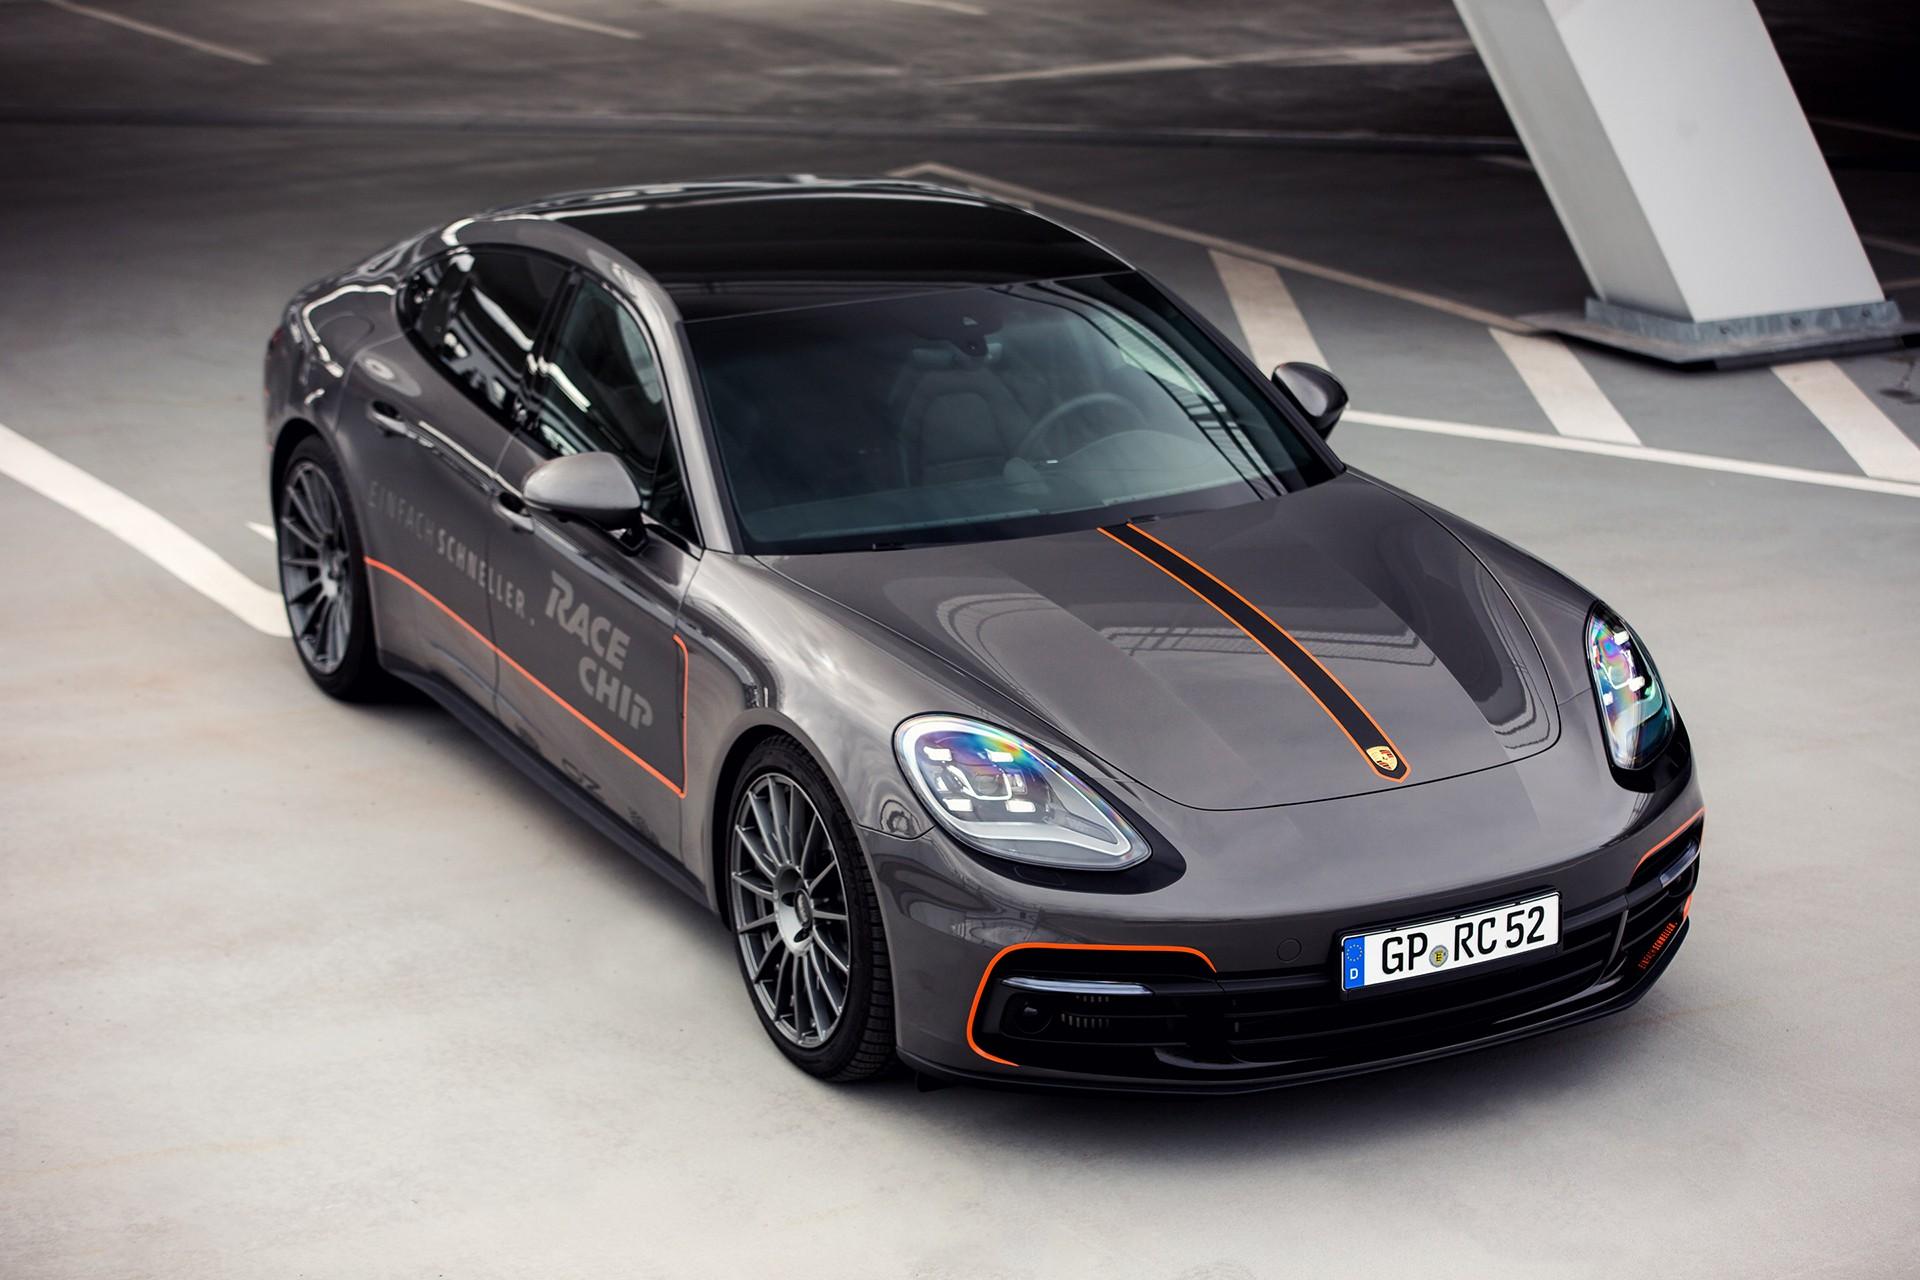 Porsche Panamera 4S Diesel by RaceChip (7)